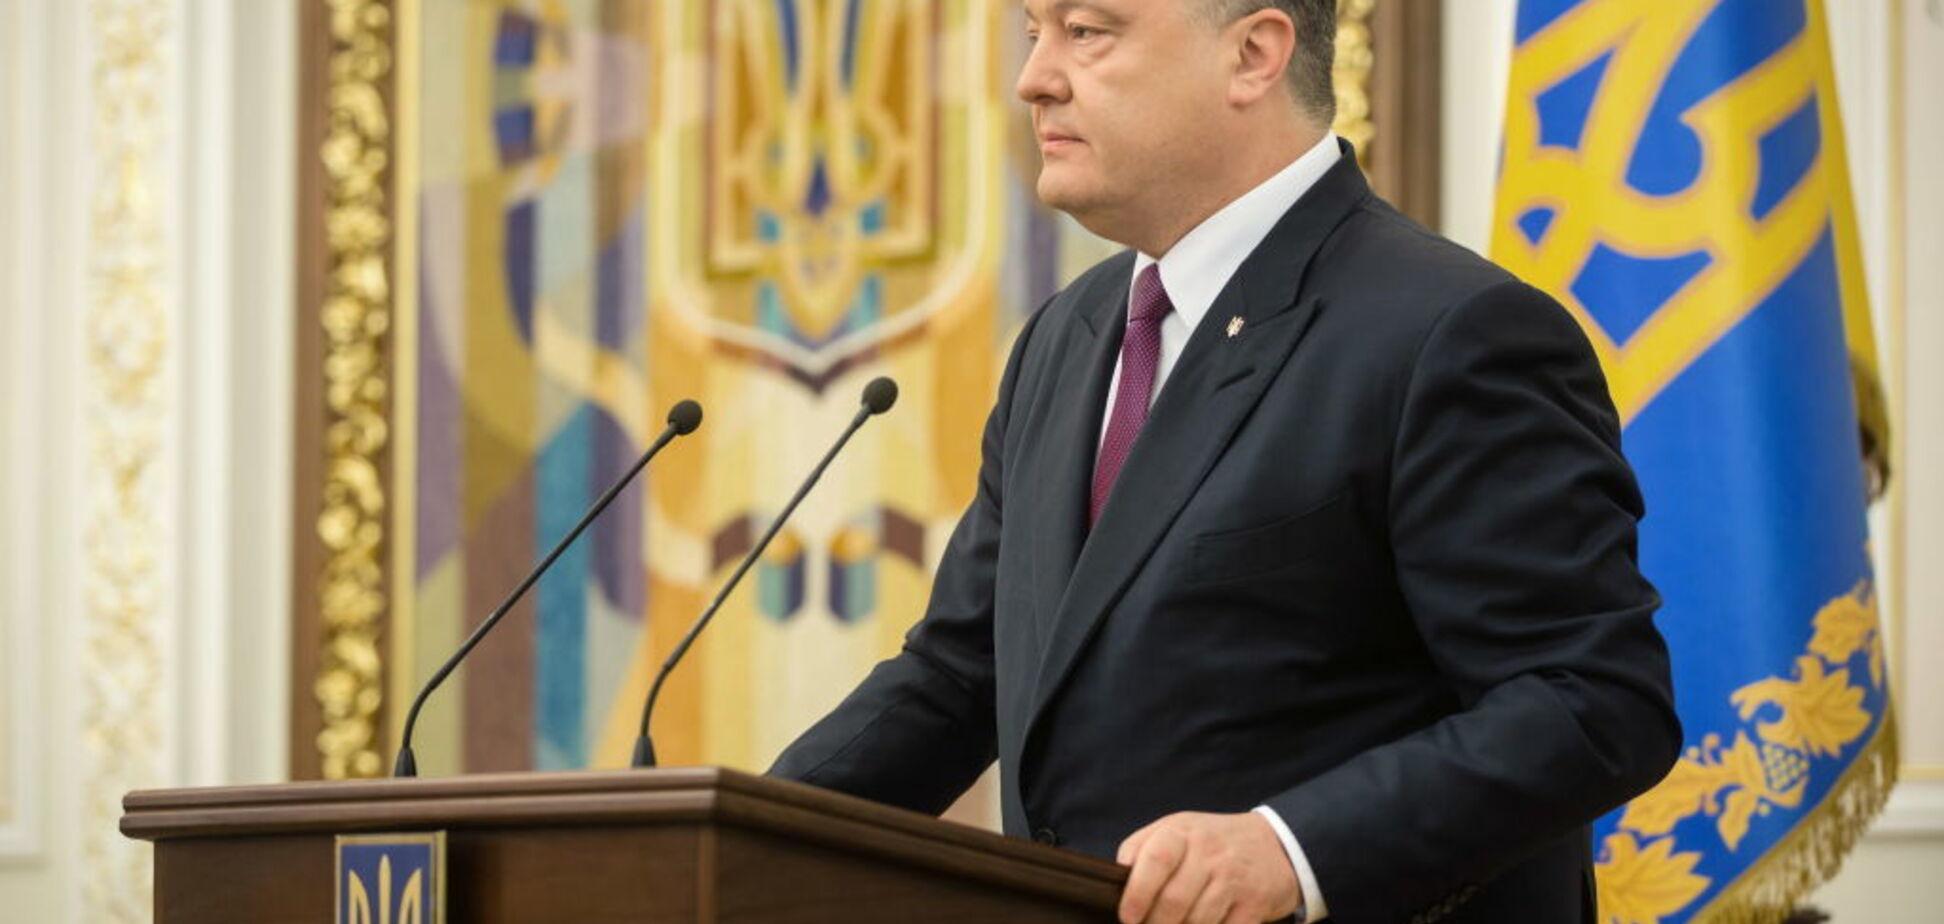 Порошенко издал новый указ о военном положении